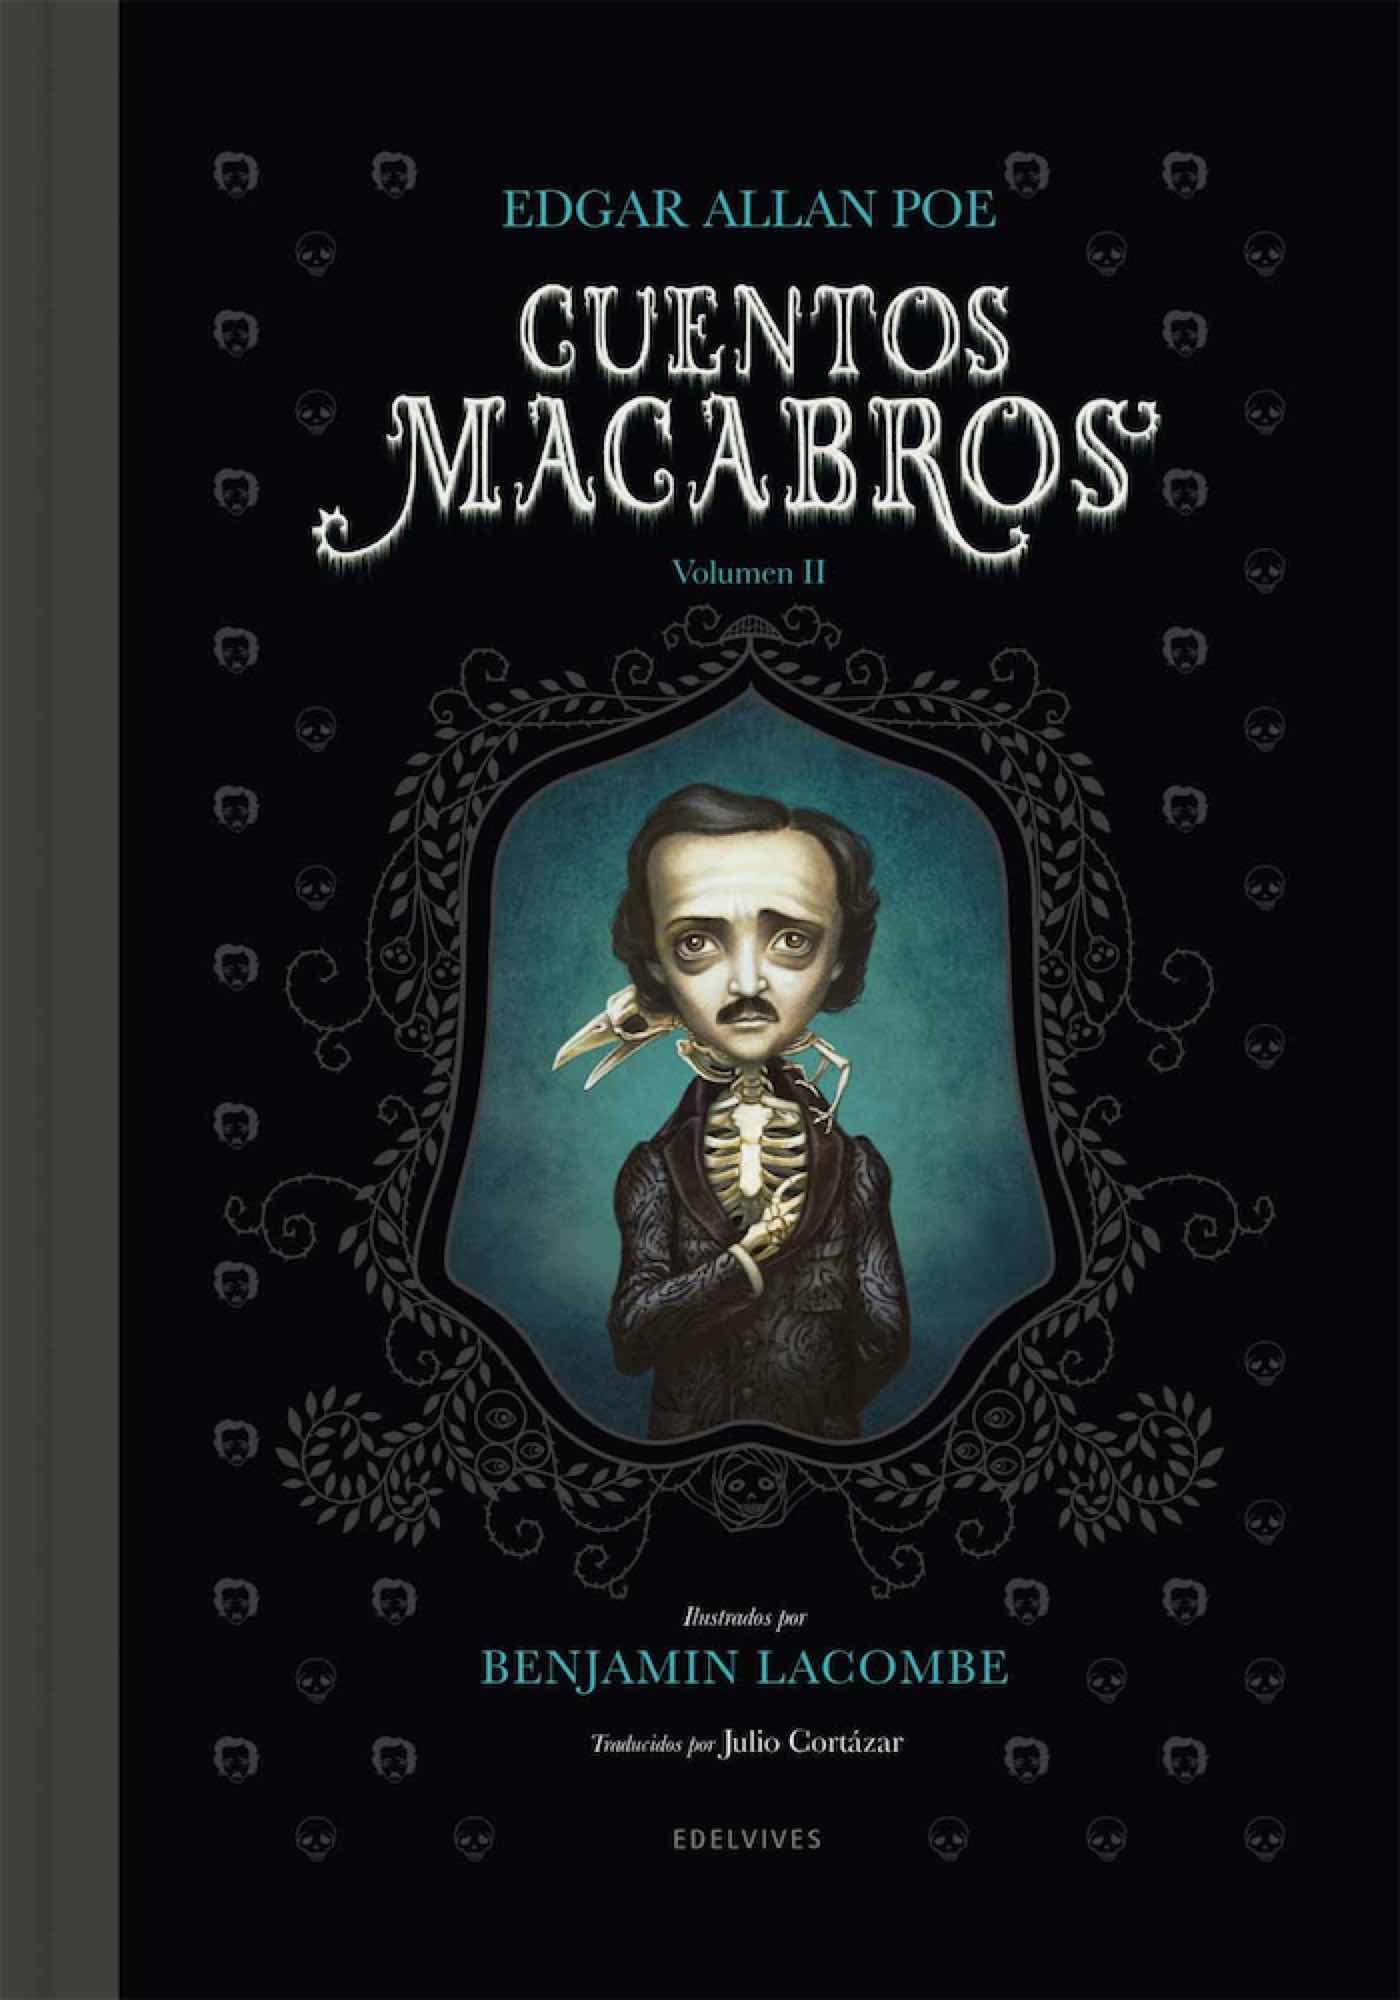 CUENTOS MACABROS 02 (ILUSTRADO POR BENJAMIN LACOMBE)